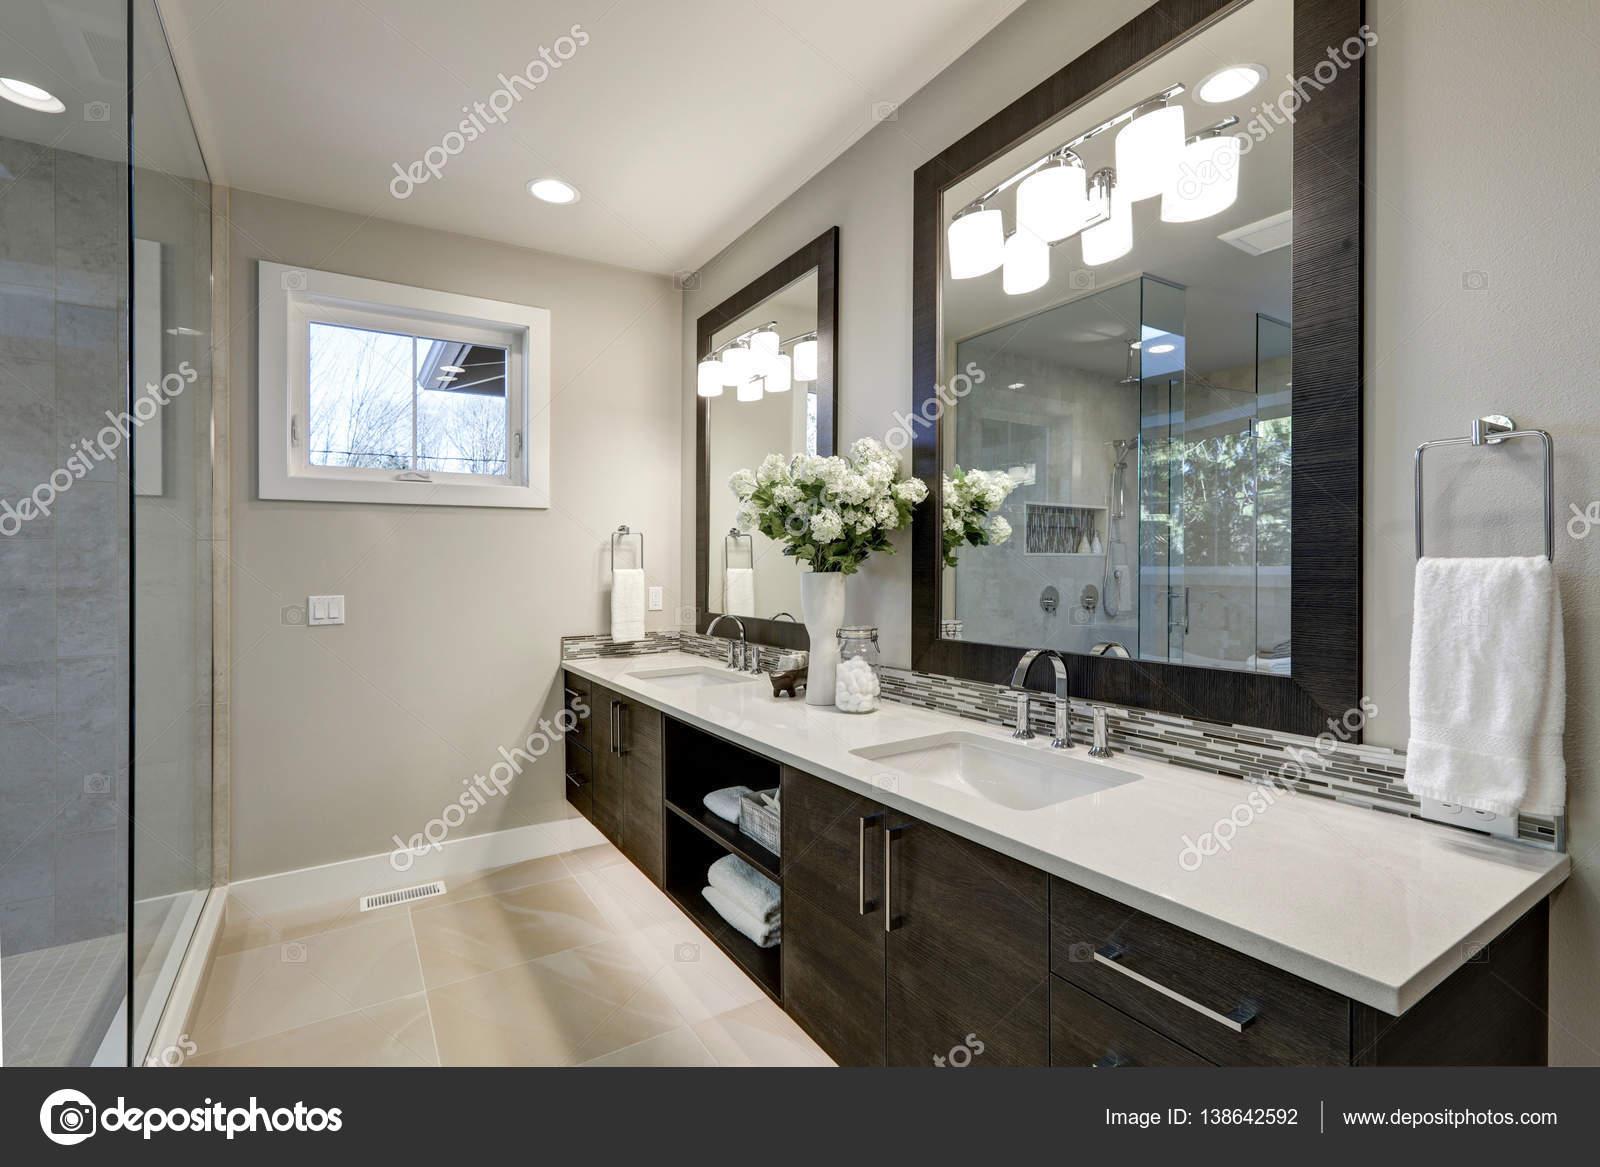 Salle de bain spacieuse dans les tons de gris wizth long meuble ...